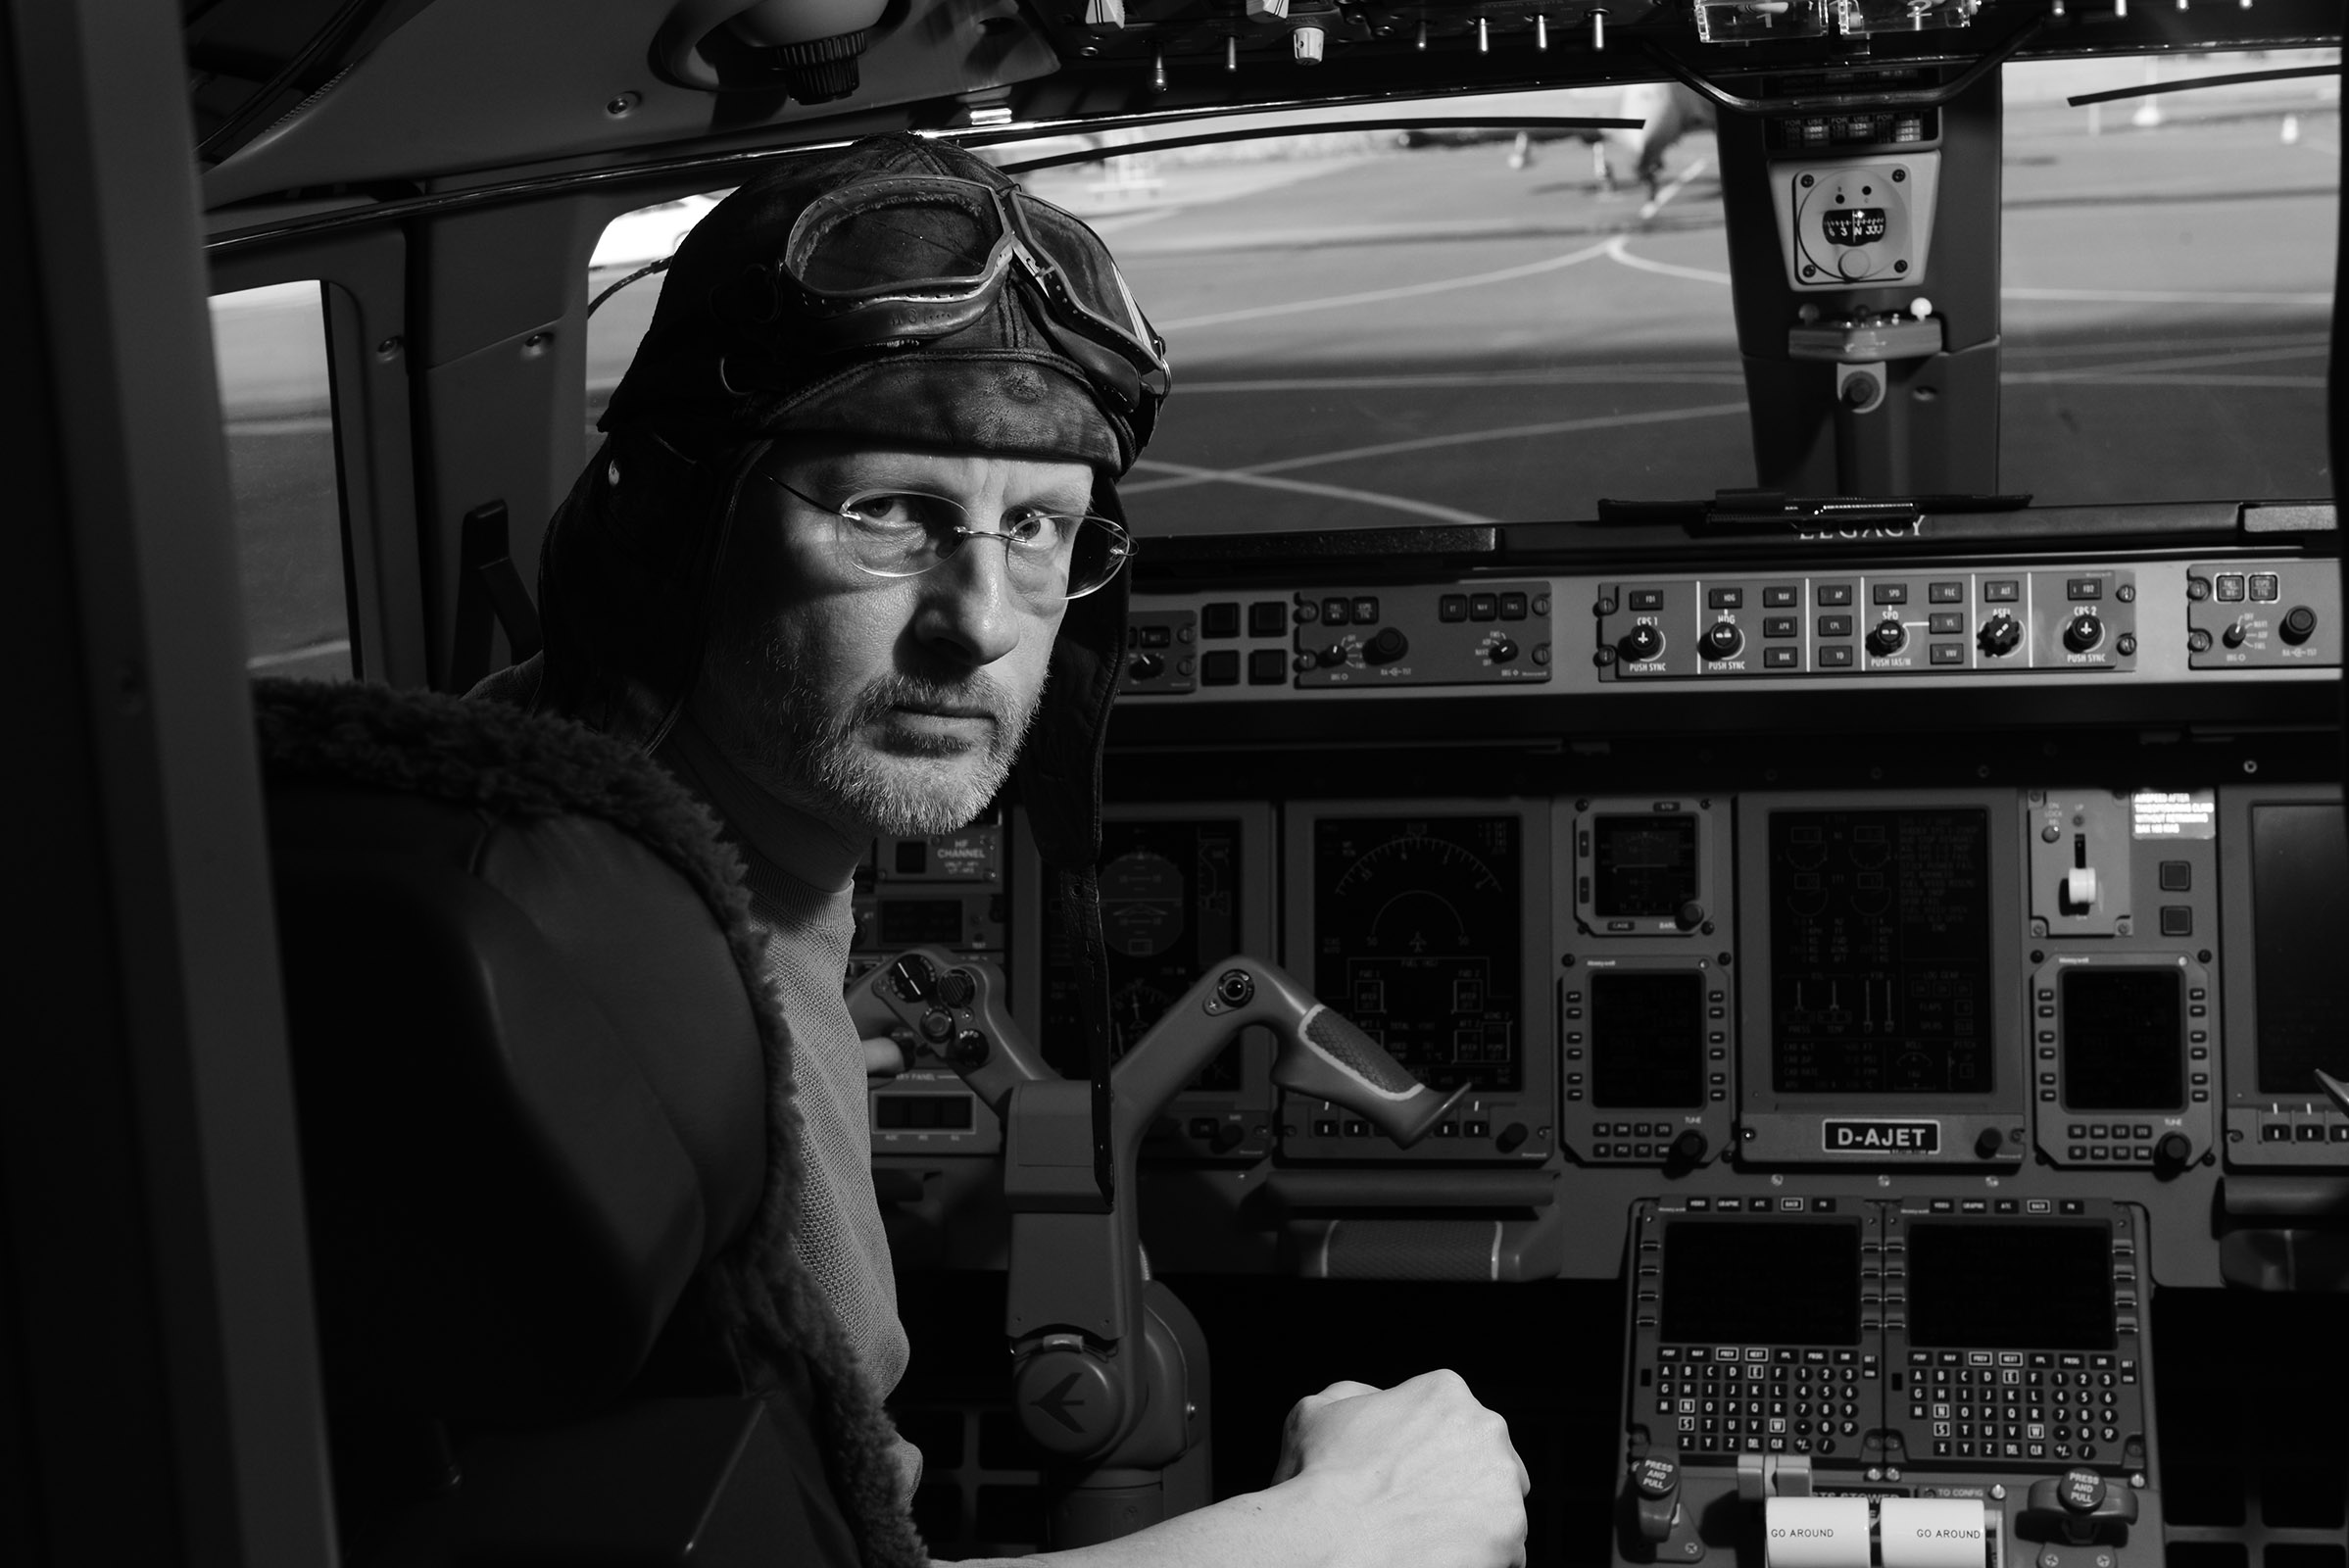 Авиатор (с) Олег Зотов